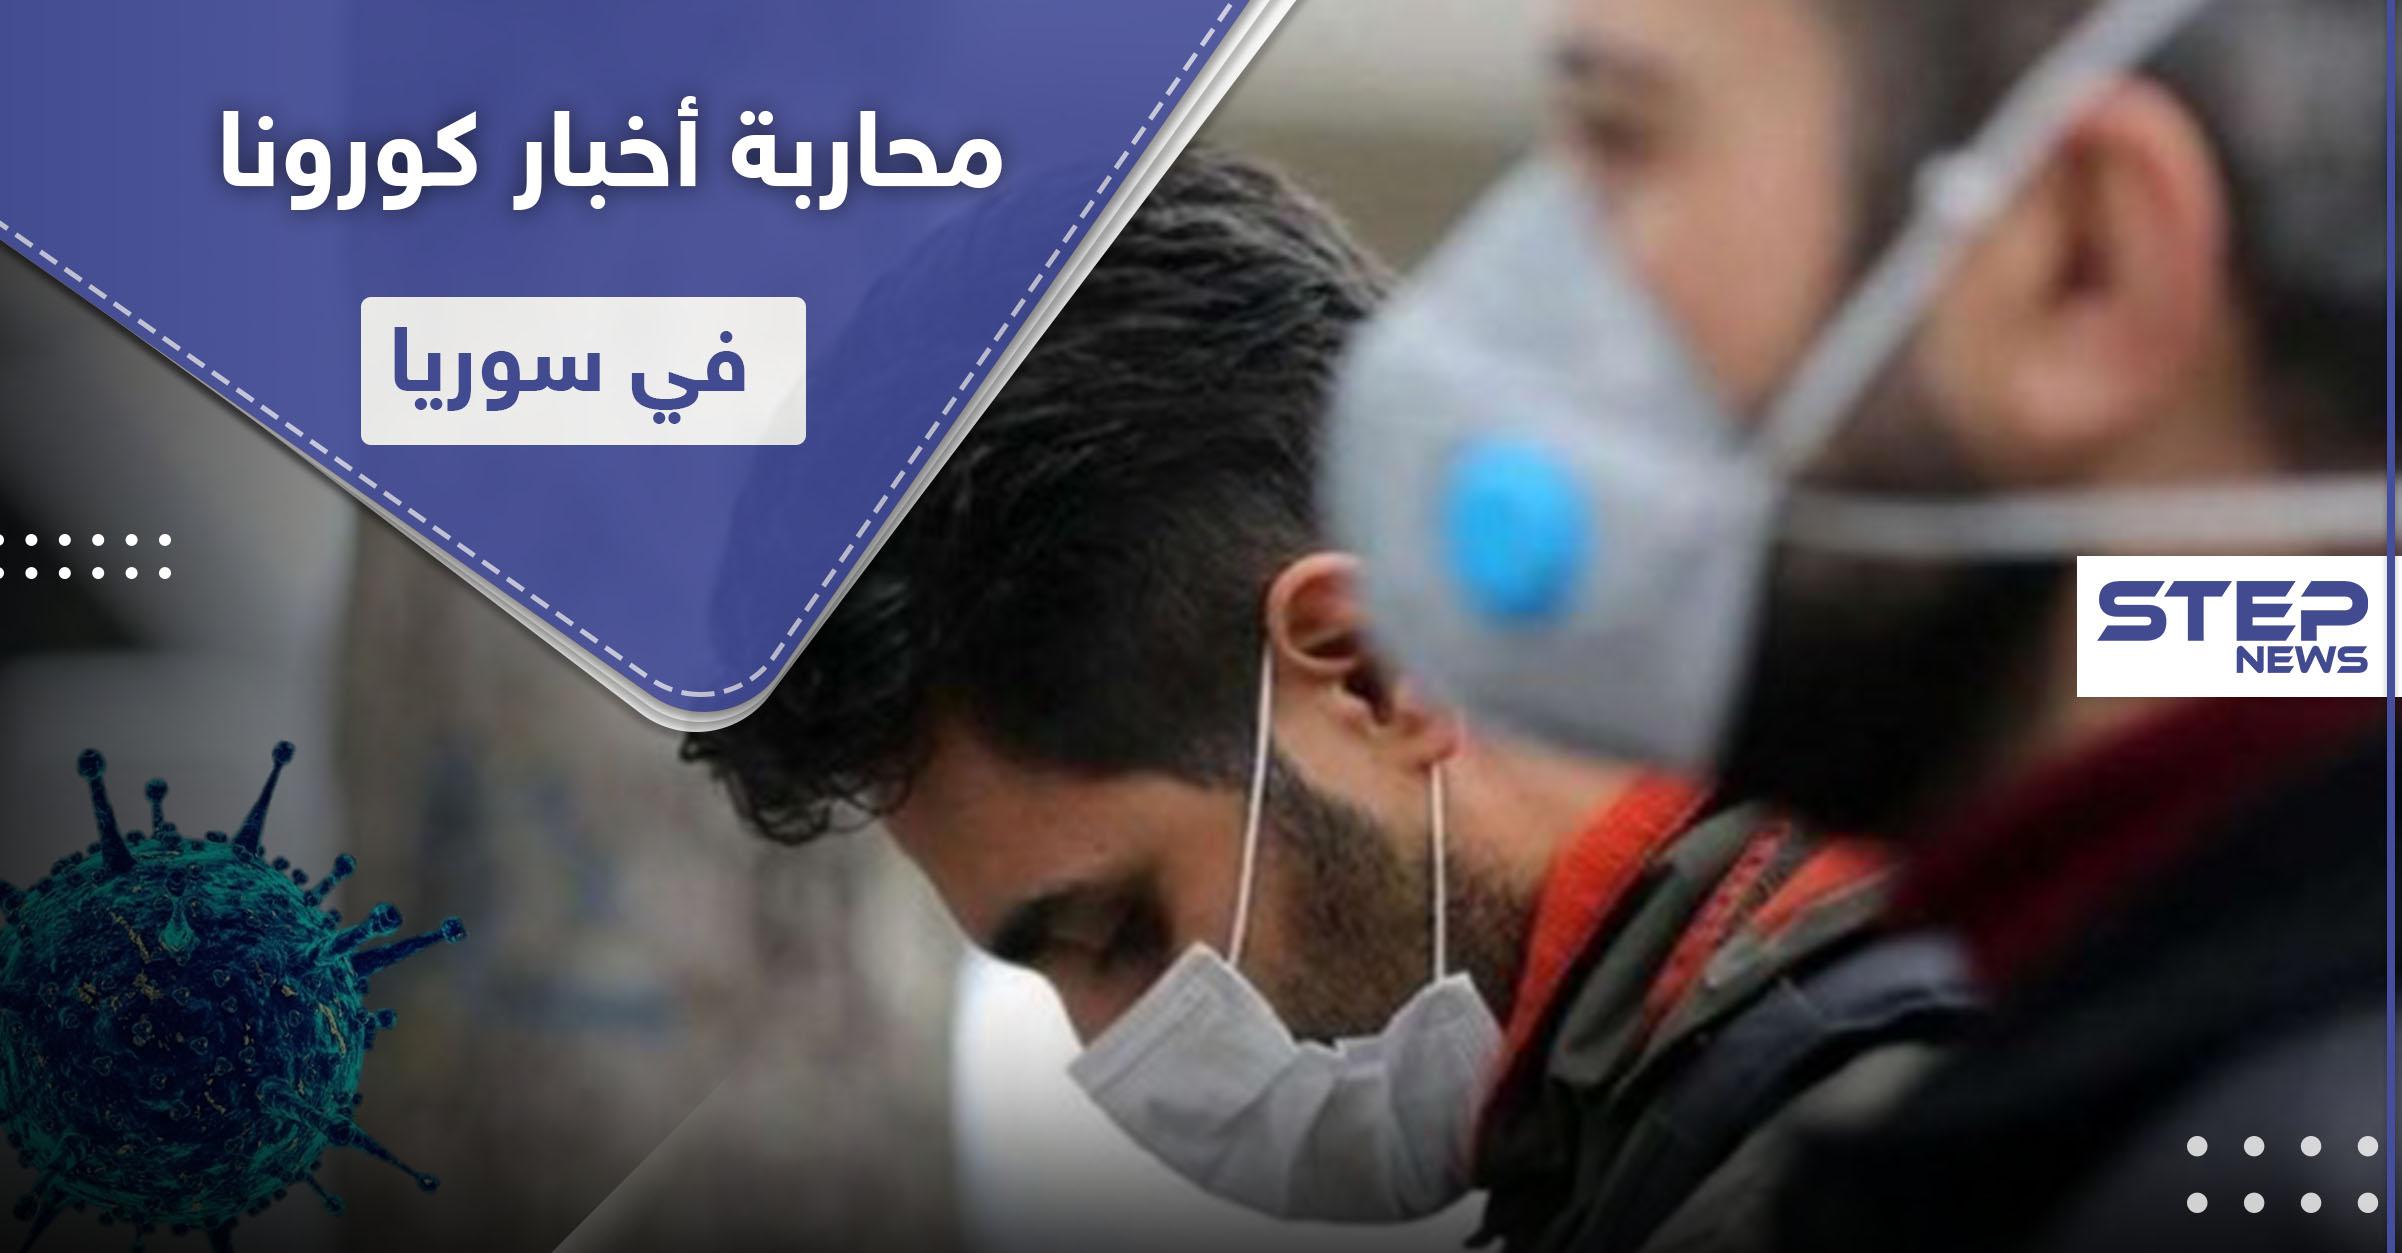 النظام السوري يحارب أخبار كورونا